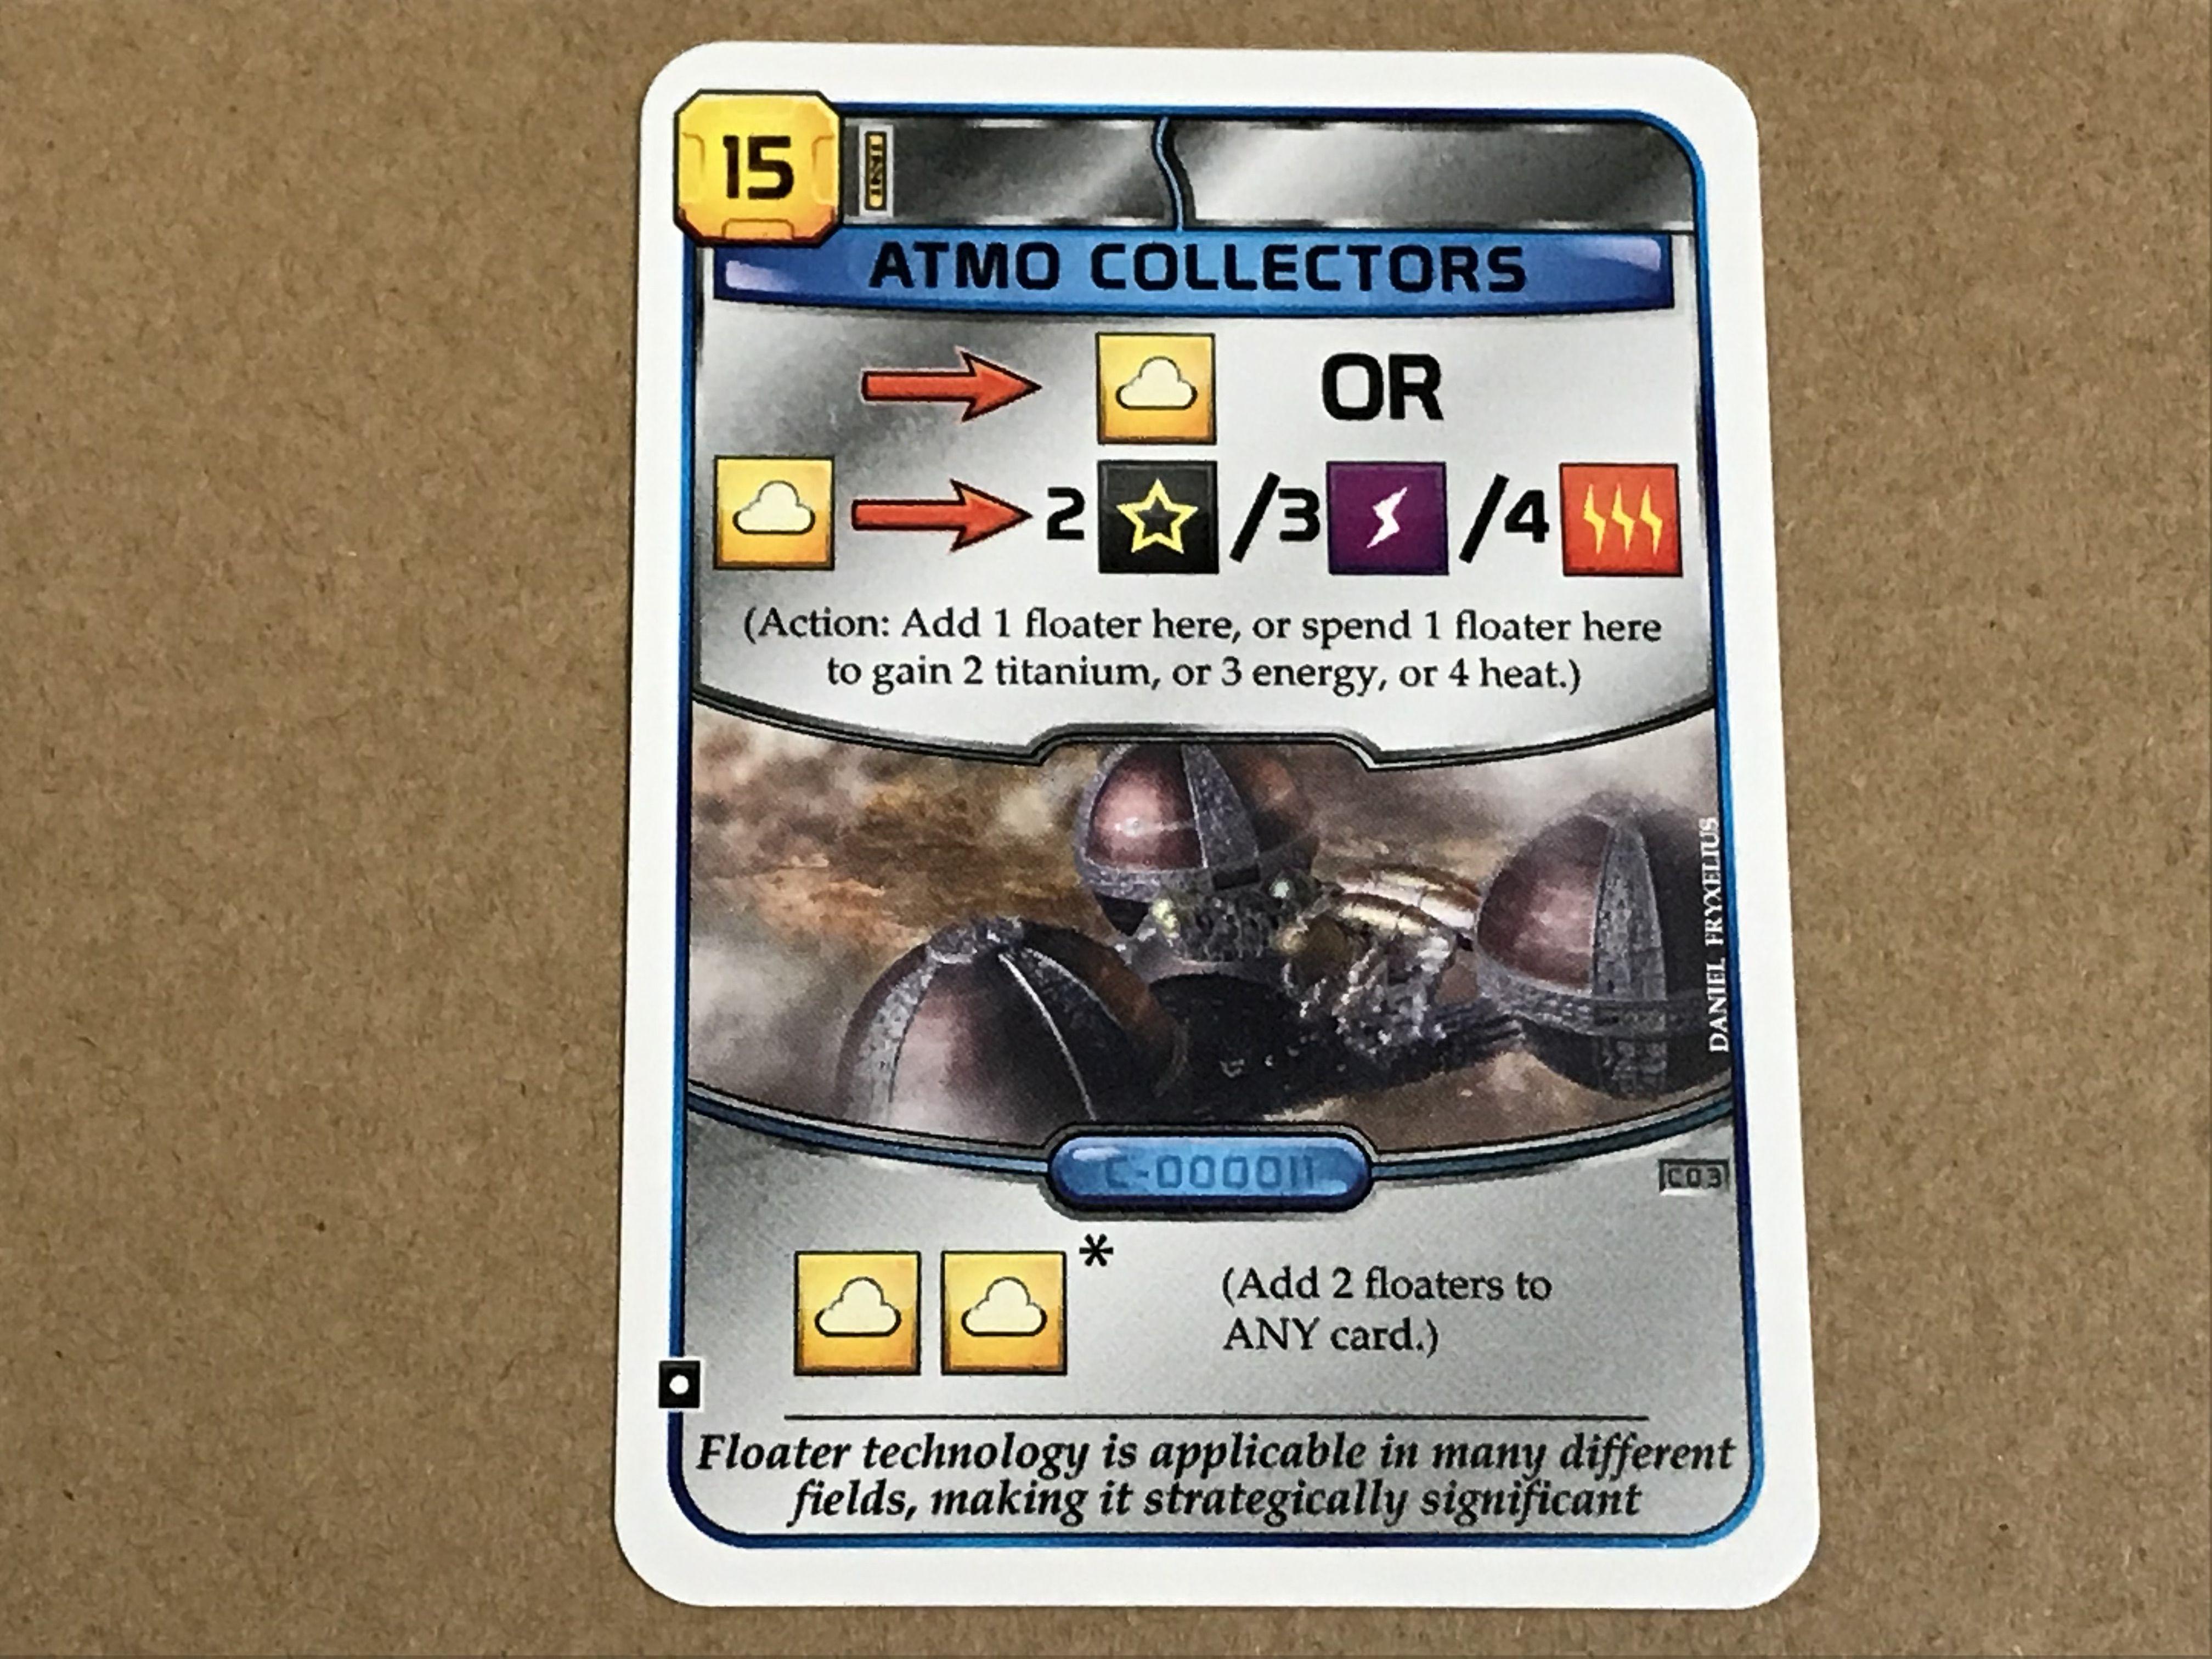 Terraforming Mars: Atmo Collectors Promo Card